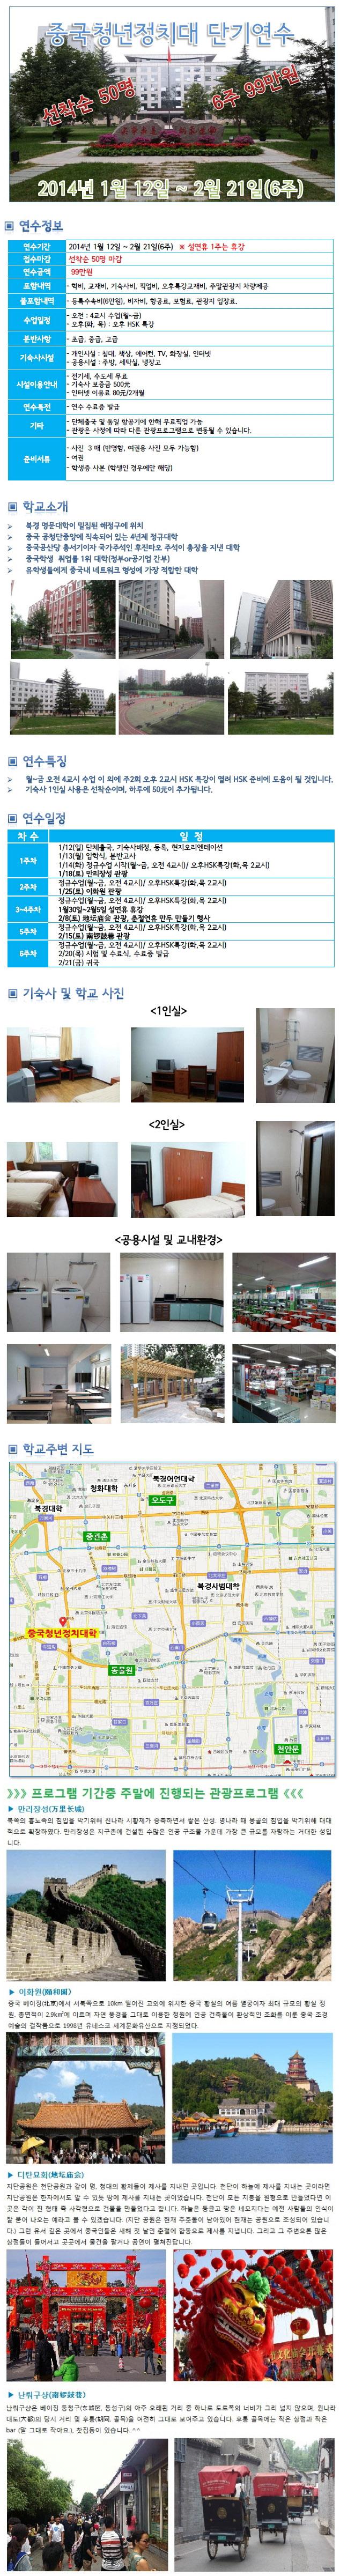 2013년 북경청년정치대학 겨울방학 단기연수1.jpg